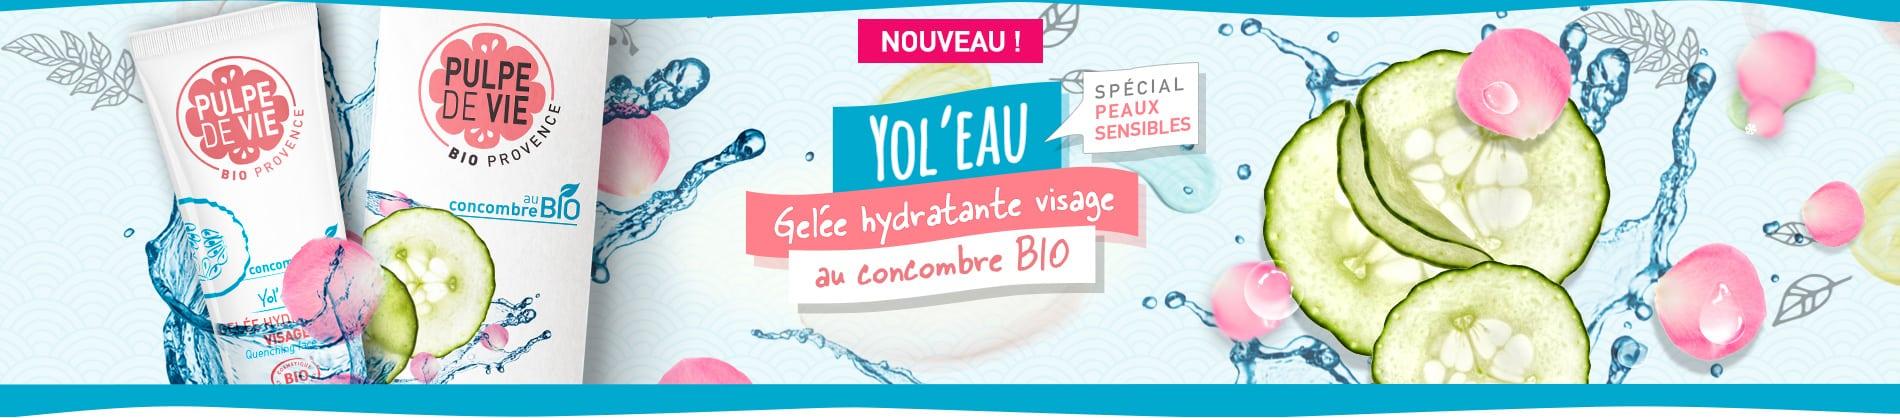 Yol'Eau, Gel hydratant bio pour le visage